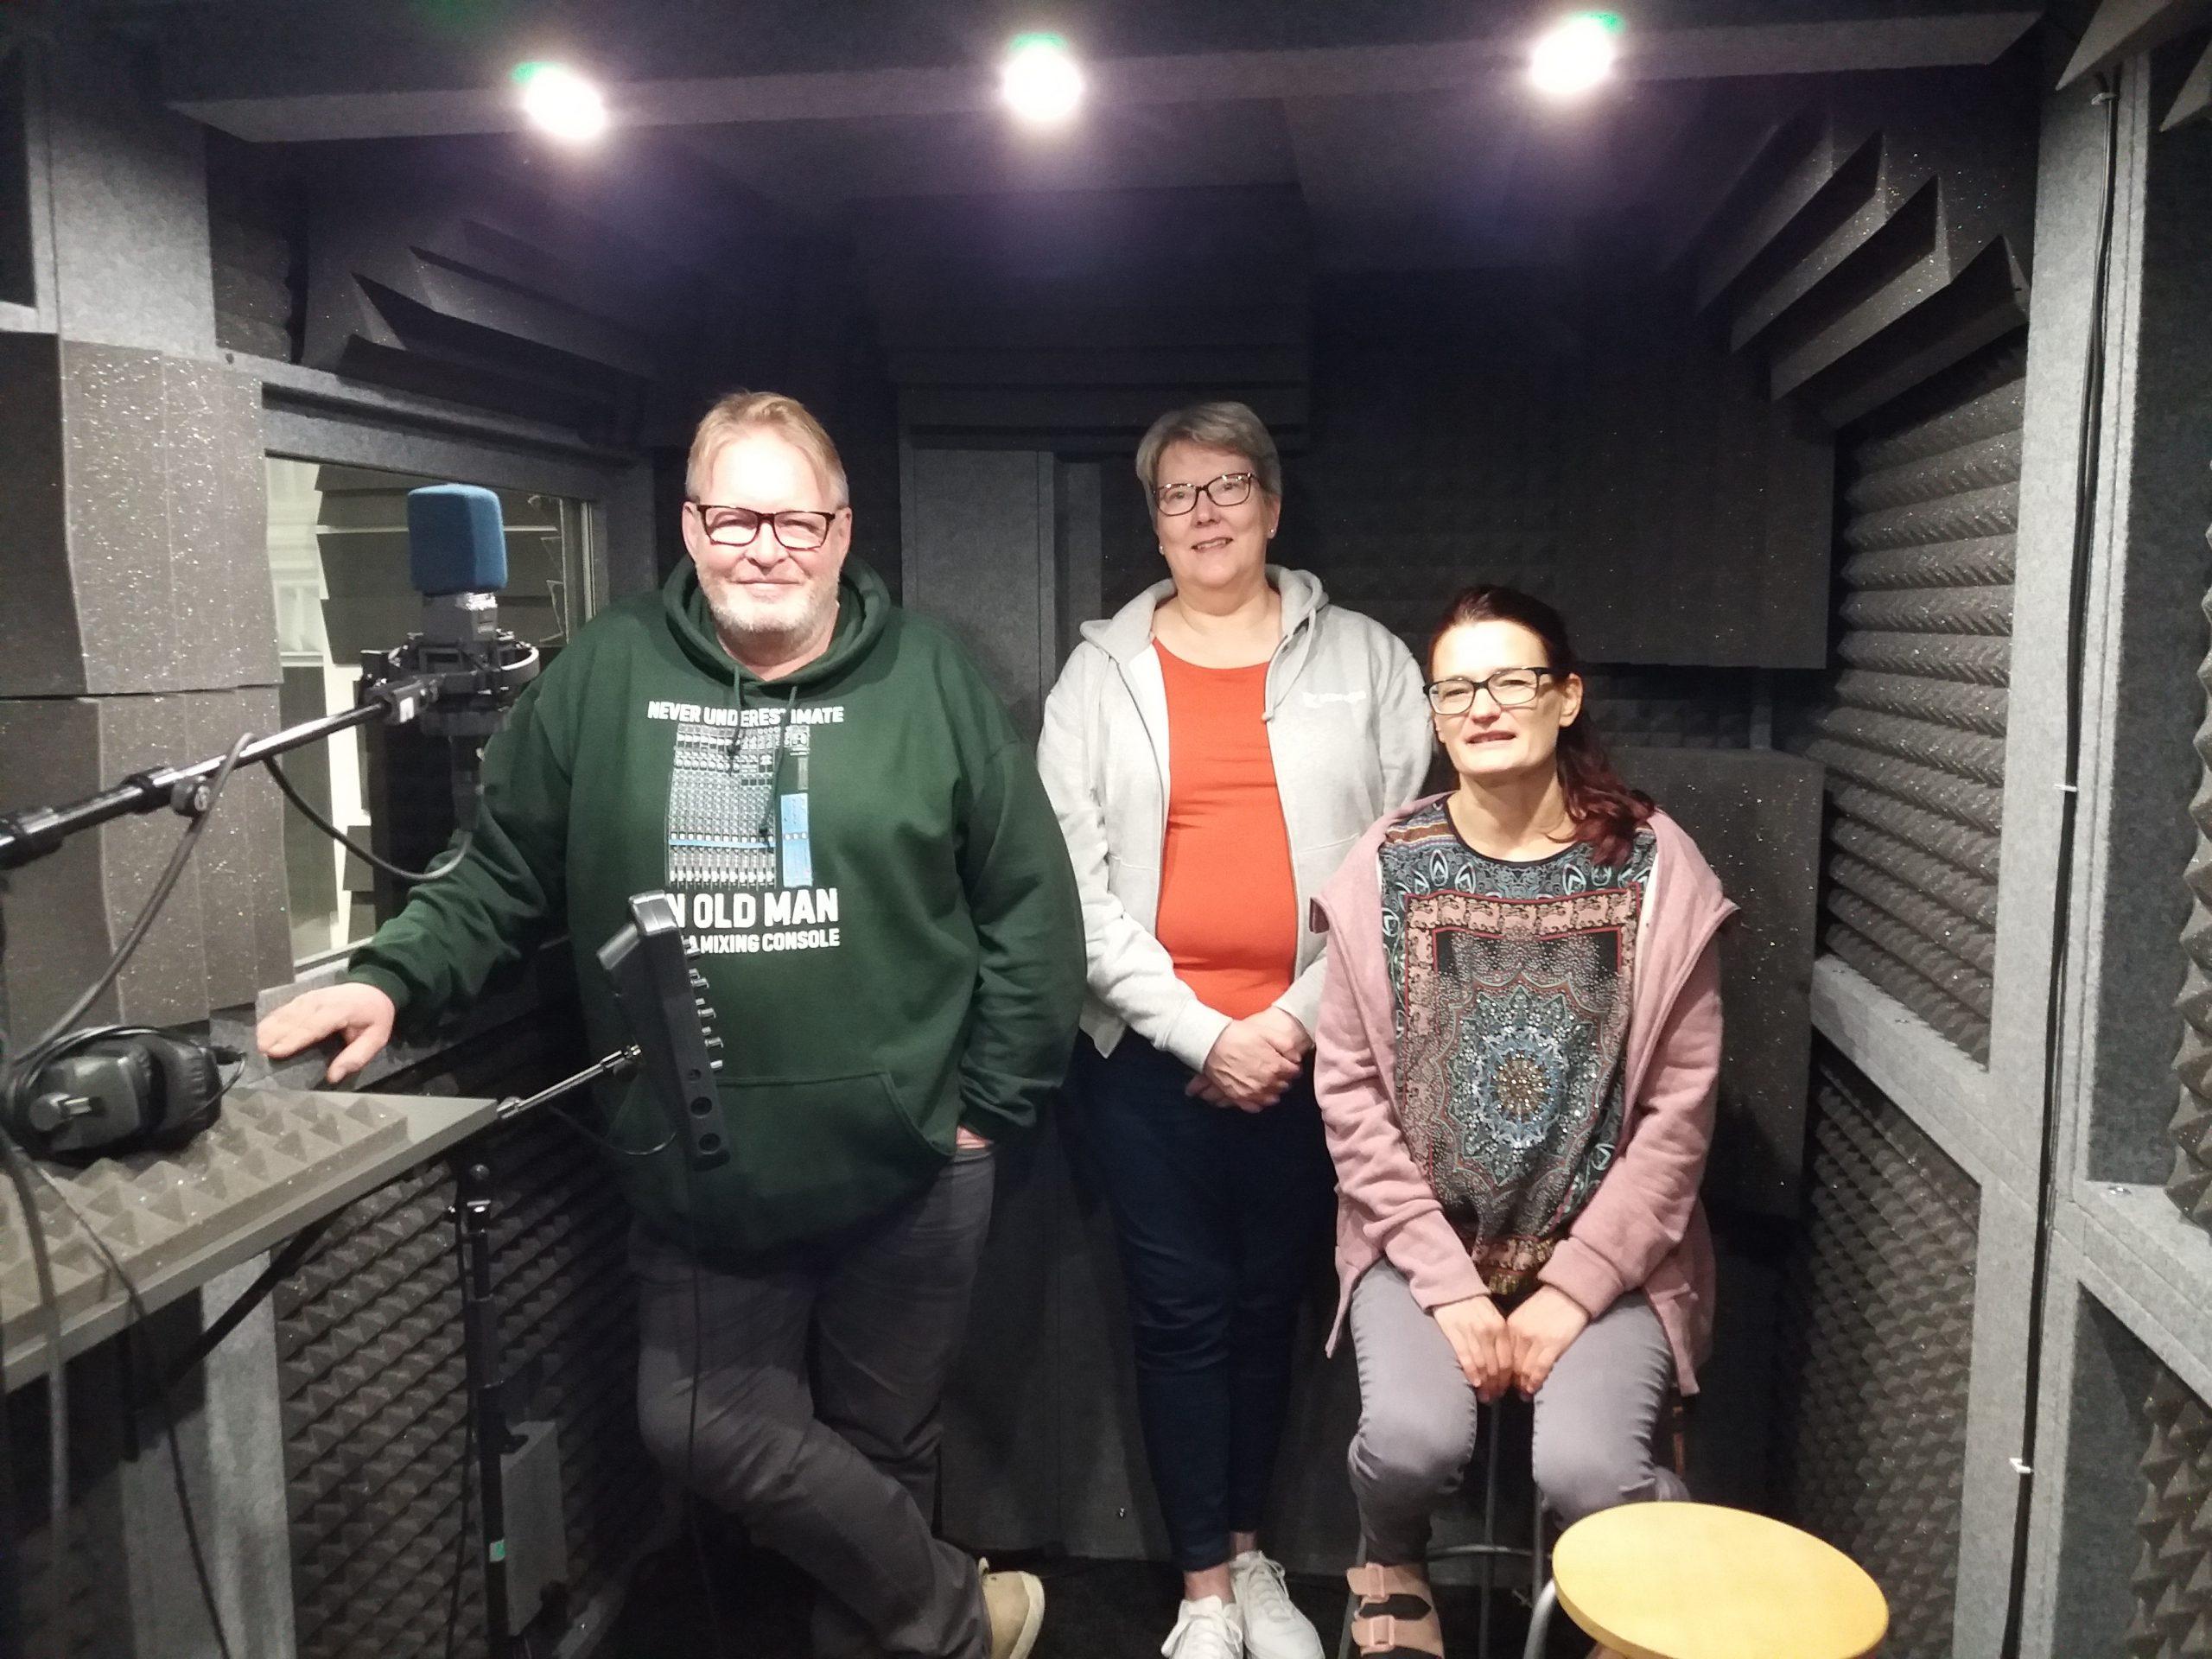 Kuvassa kolme henkilöä Karelian äänitysstudion tiloissa.